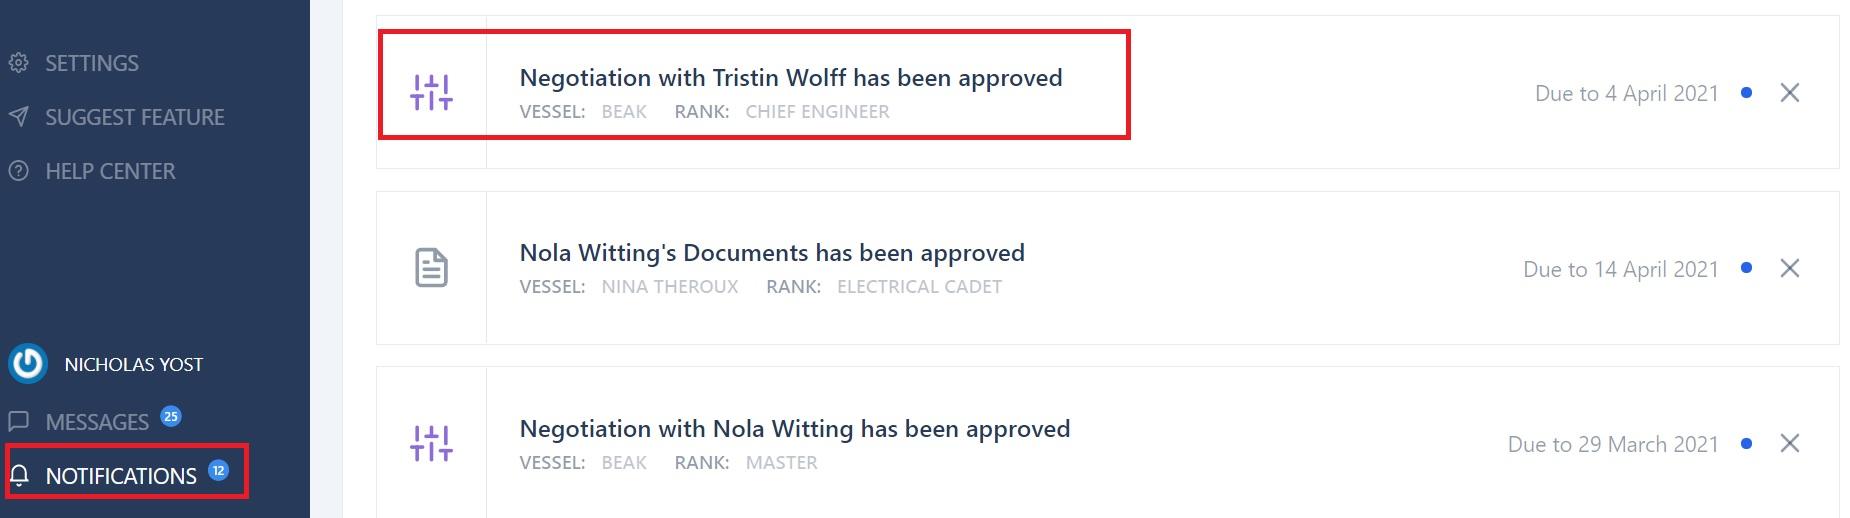 screenshot of Martide's maritime recruitment website showing a notification